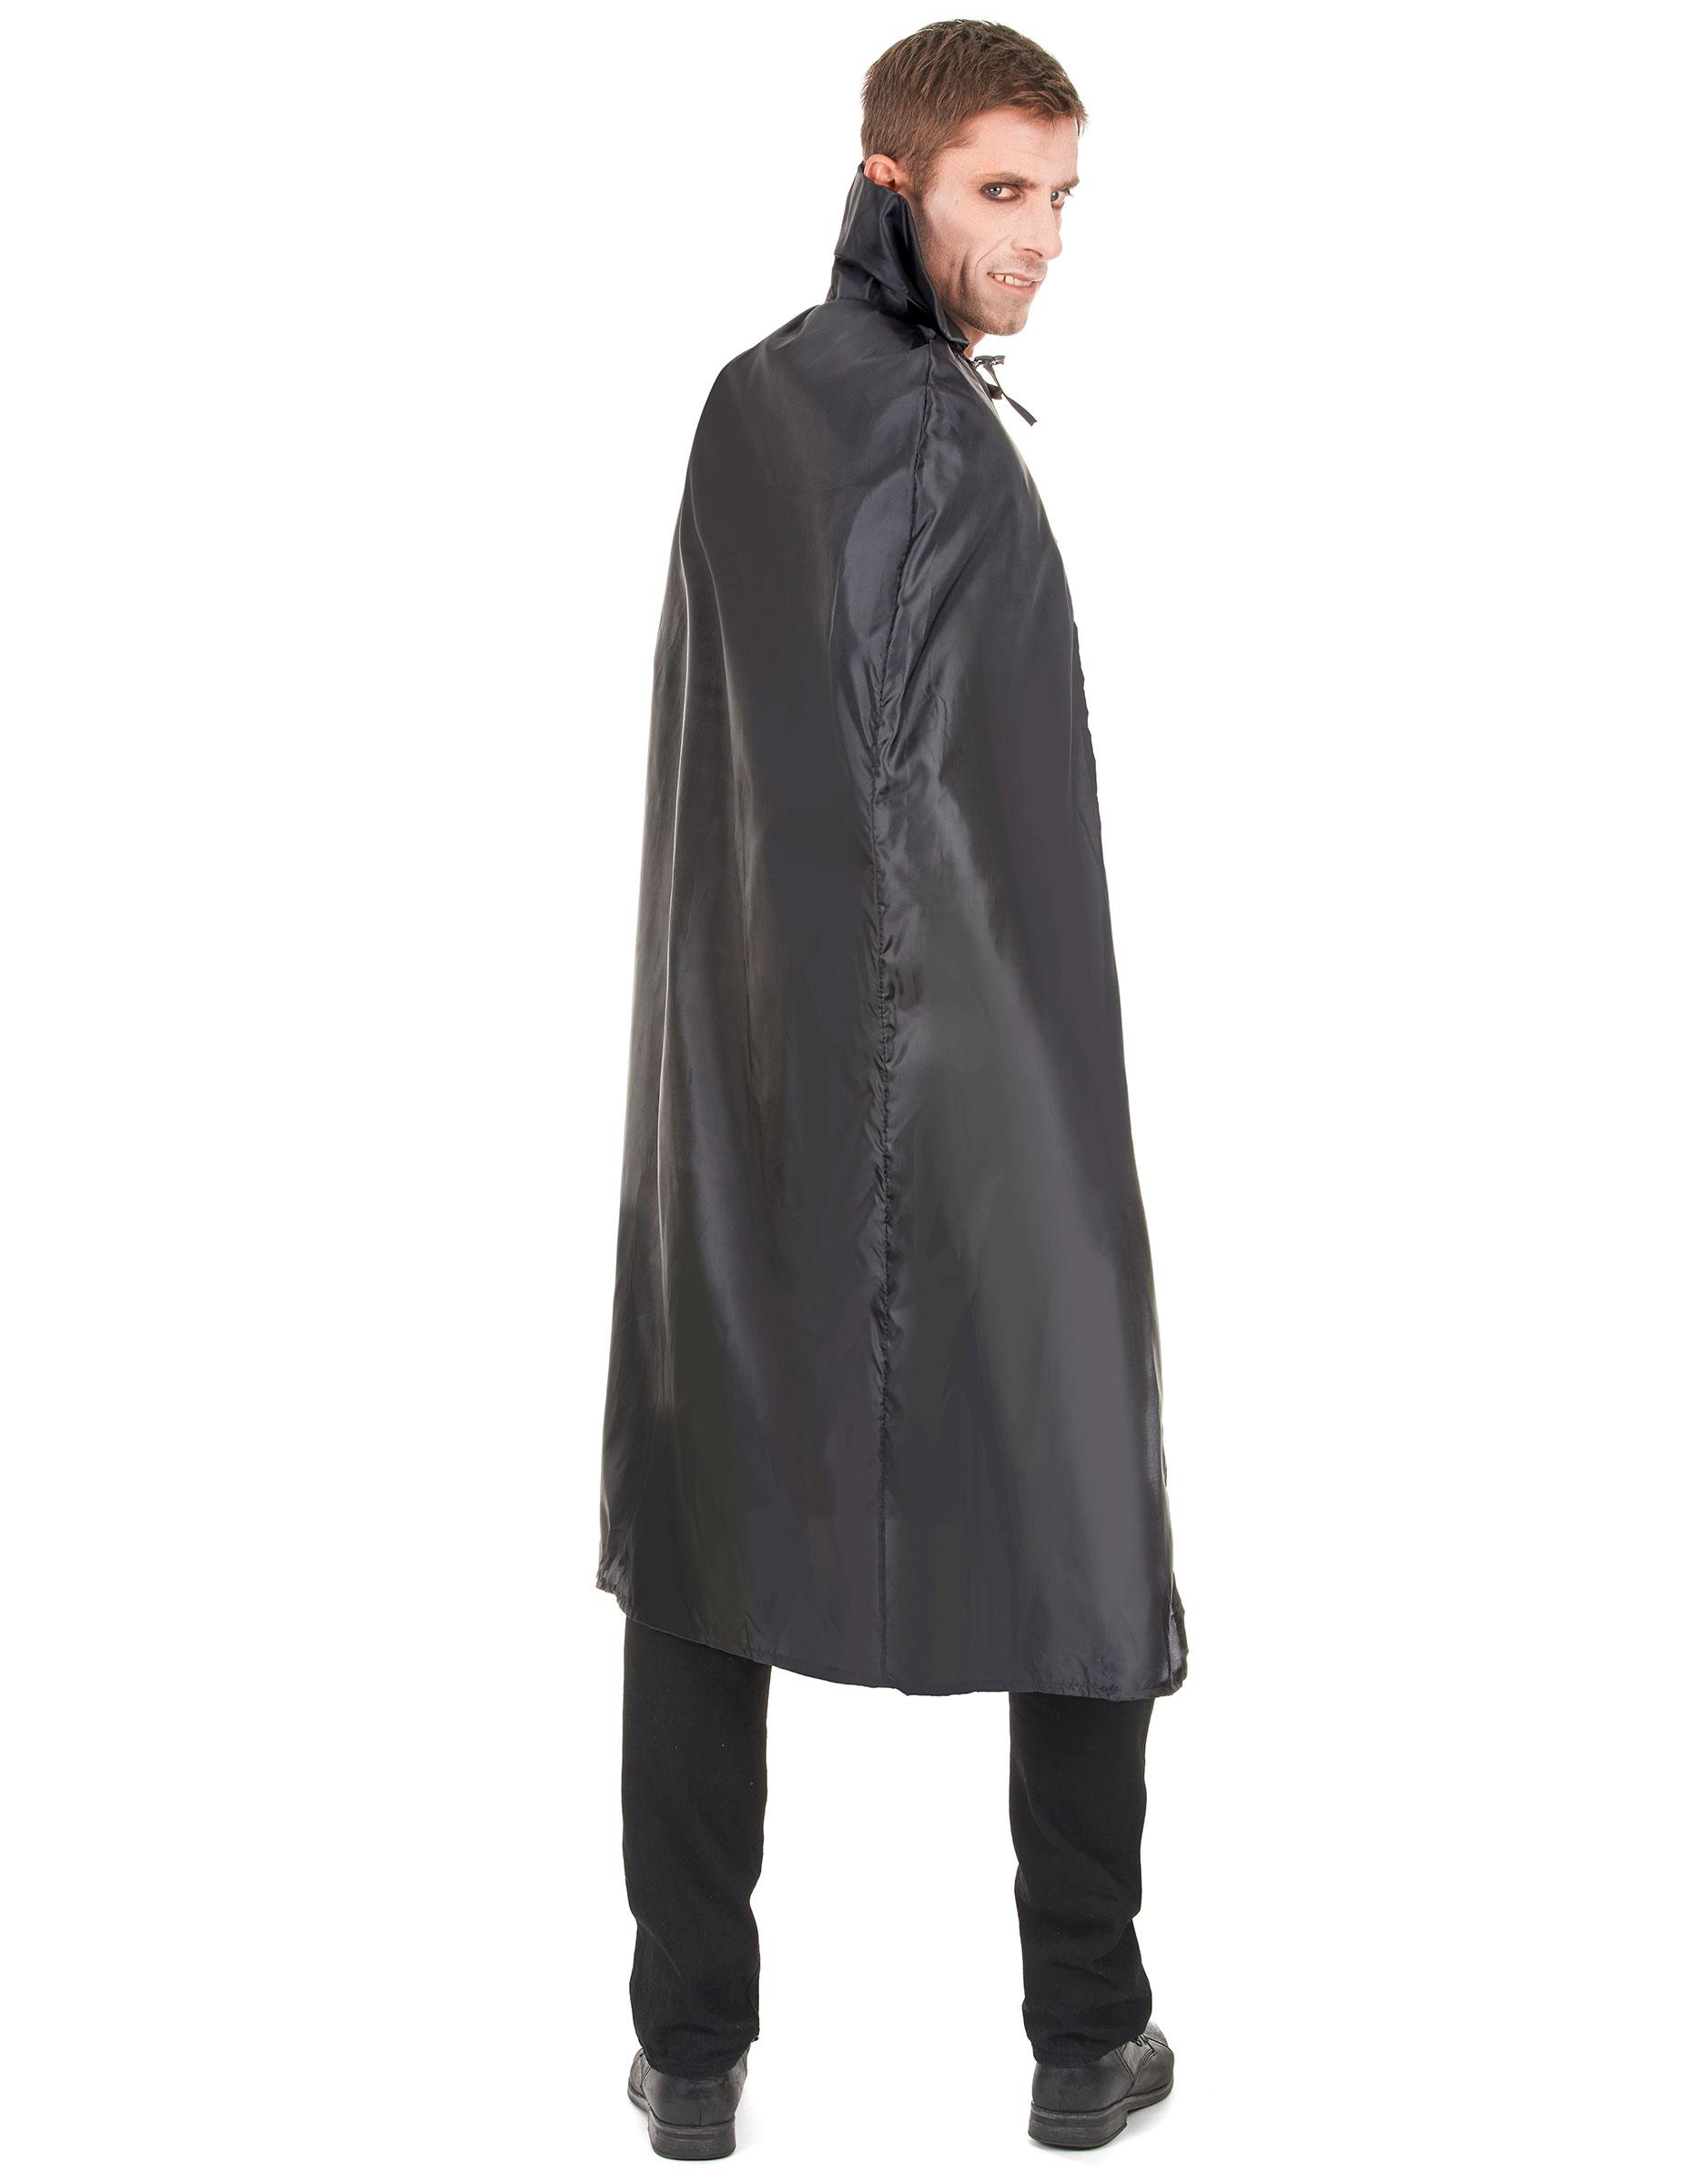 messieurs Dracula vampire cape noir avec capuche